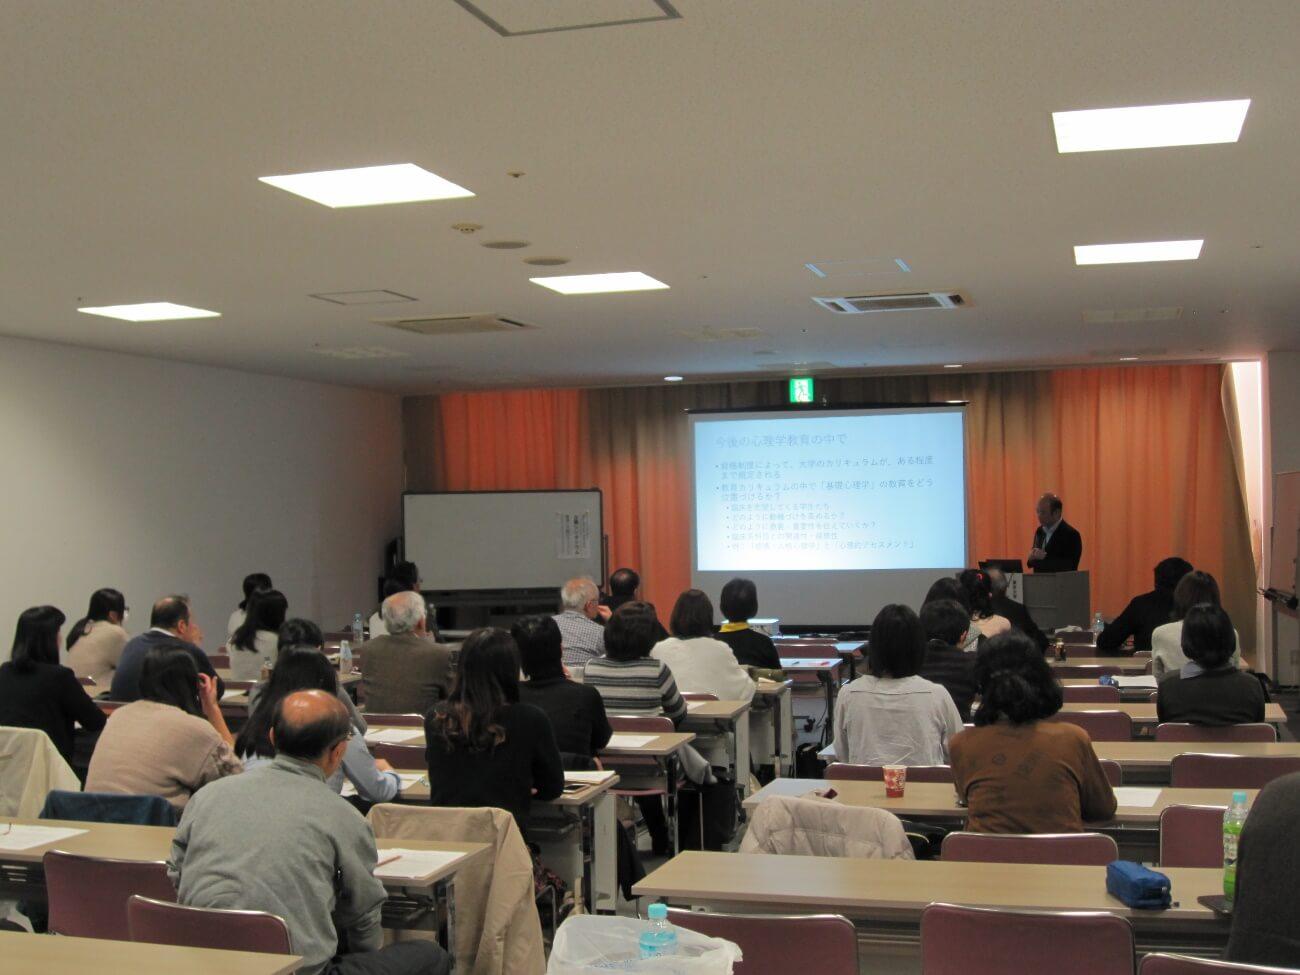 当日の会場の様子(長野県上田市の駅前ビル パレオ2階会議室にて)。認定心理士の会会員の他、大学生、一般市民など、40名の方にご参加いただきました。